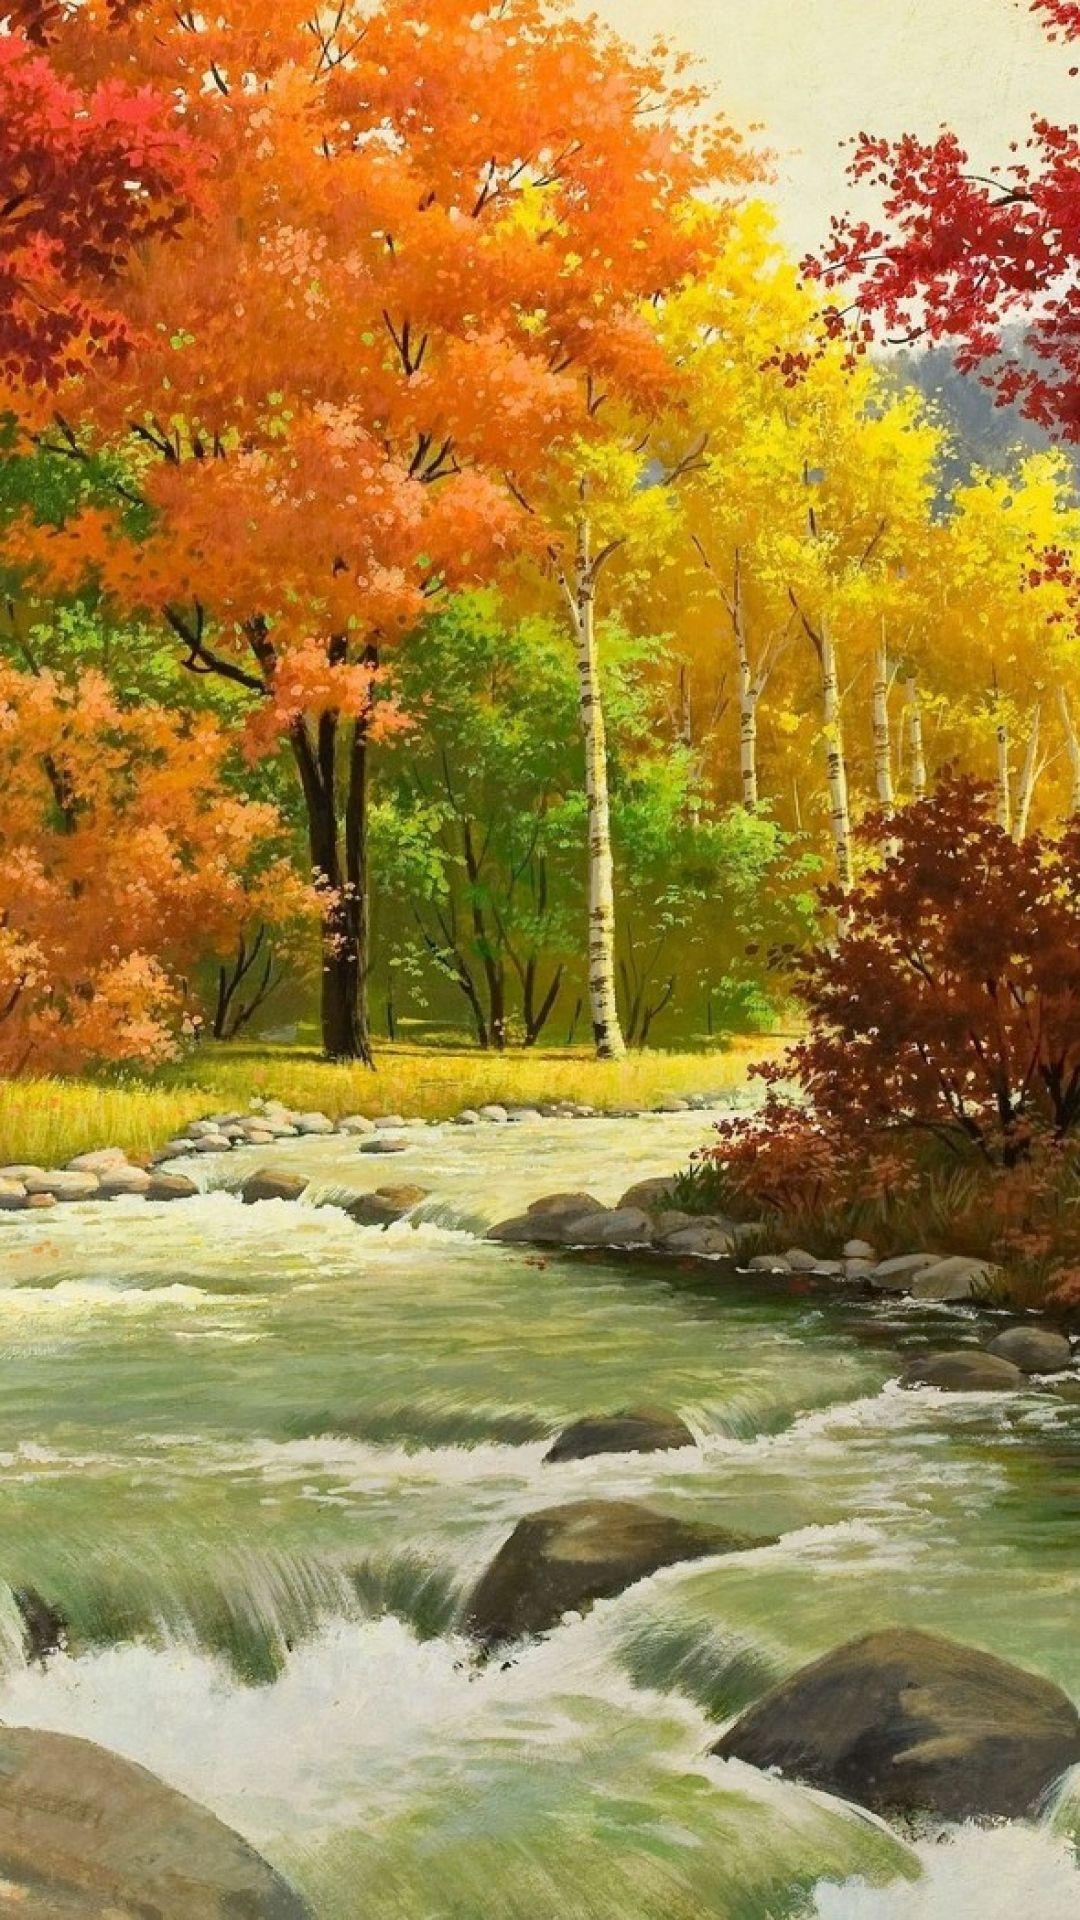 Download Wallpaper 1080x1920 Autumn Landscape Painting